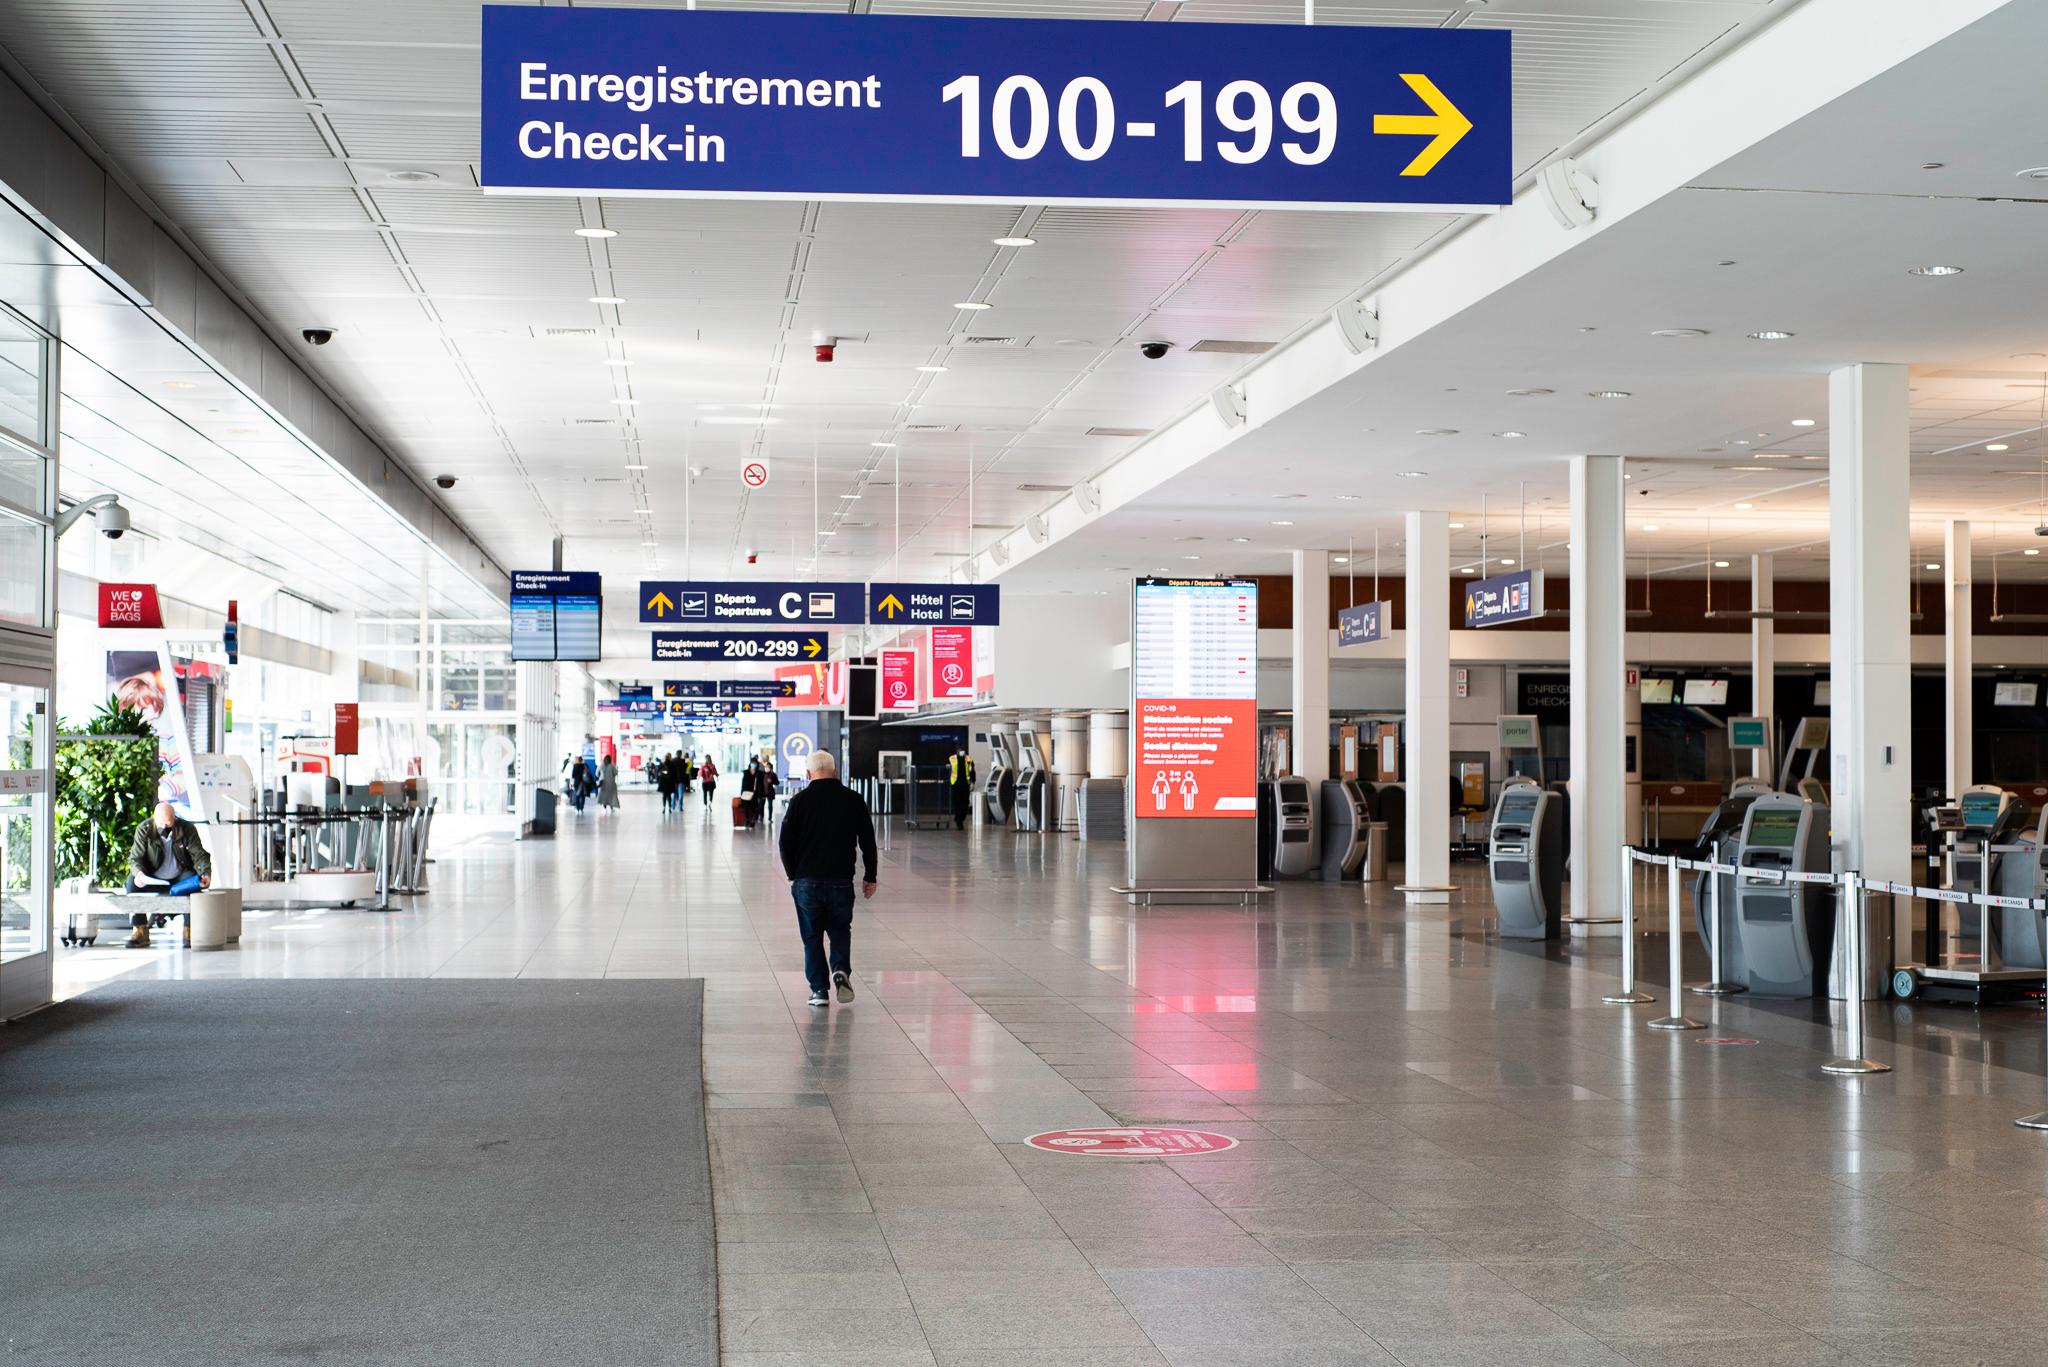 En images : Les mesures mises en place à l'aéroport de Montréal pour votre sécurité